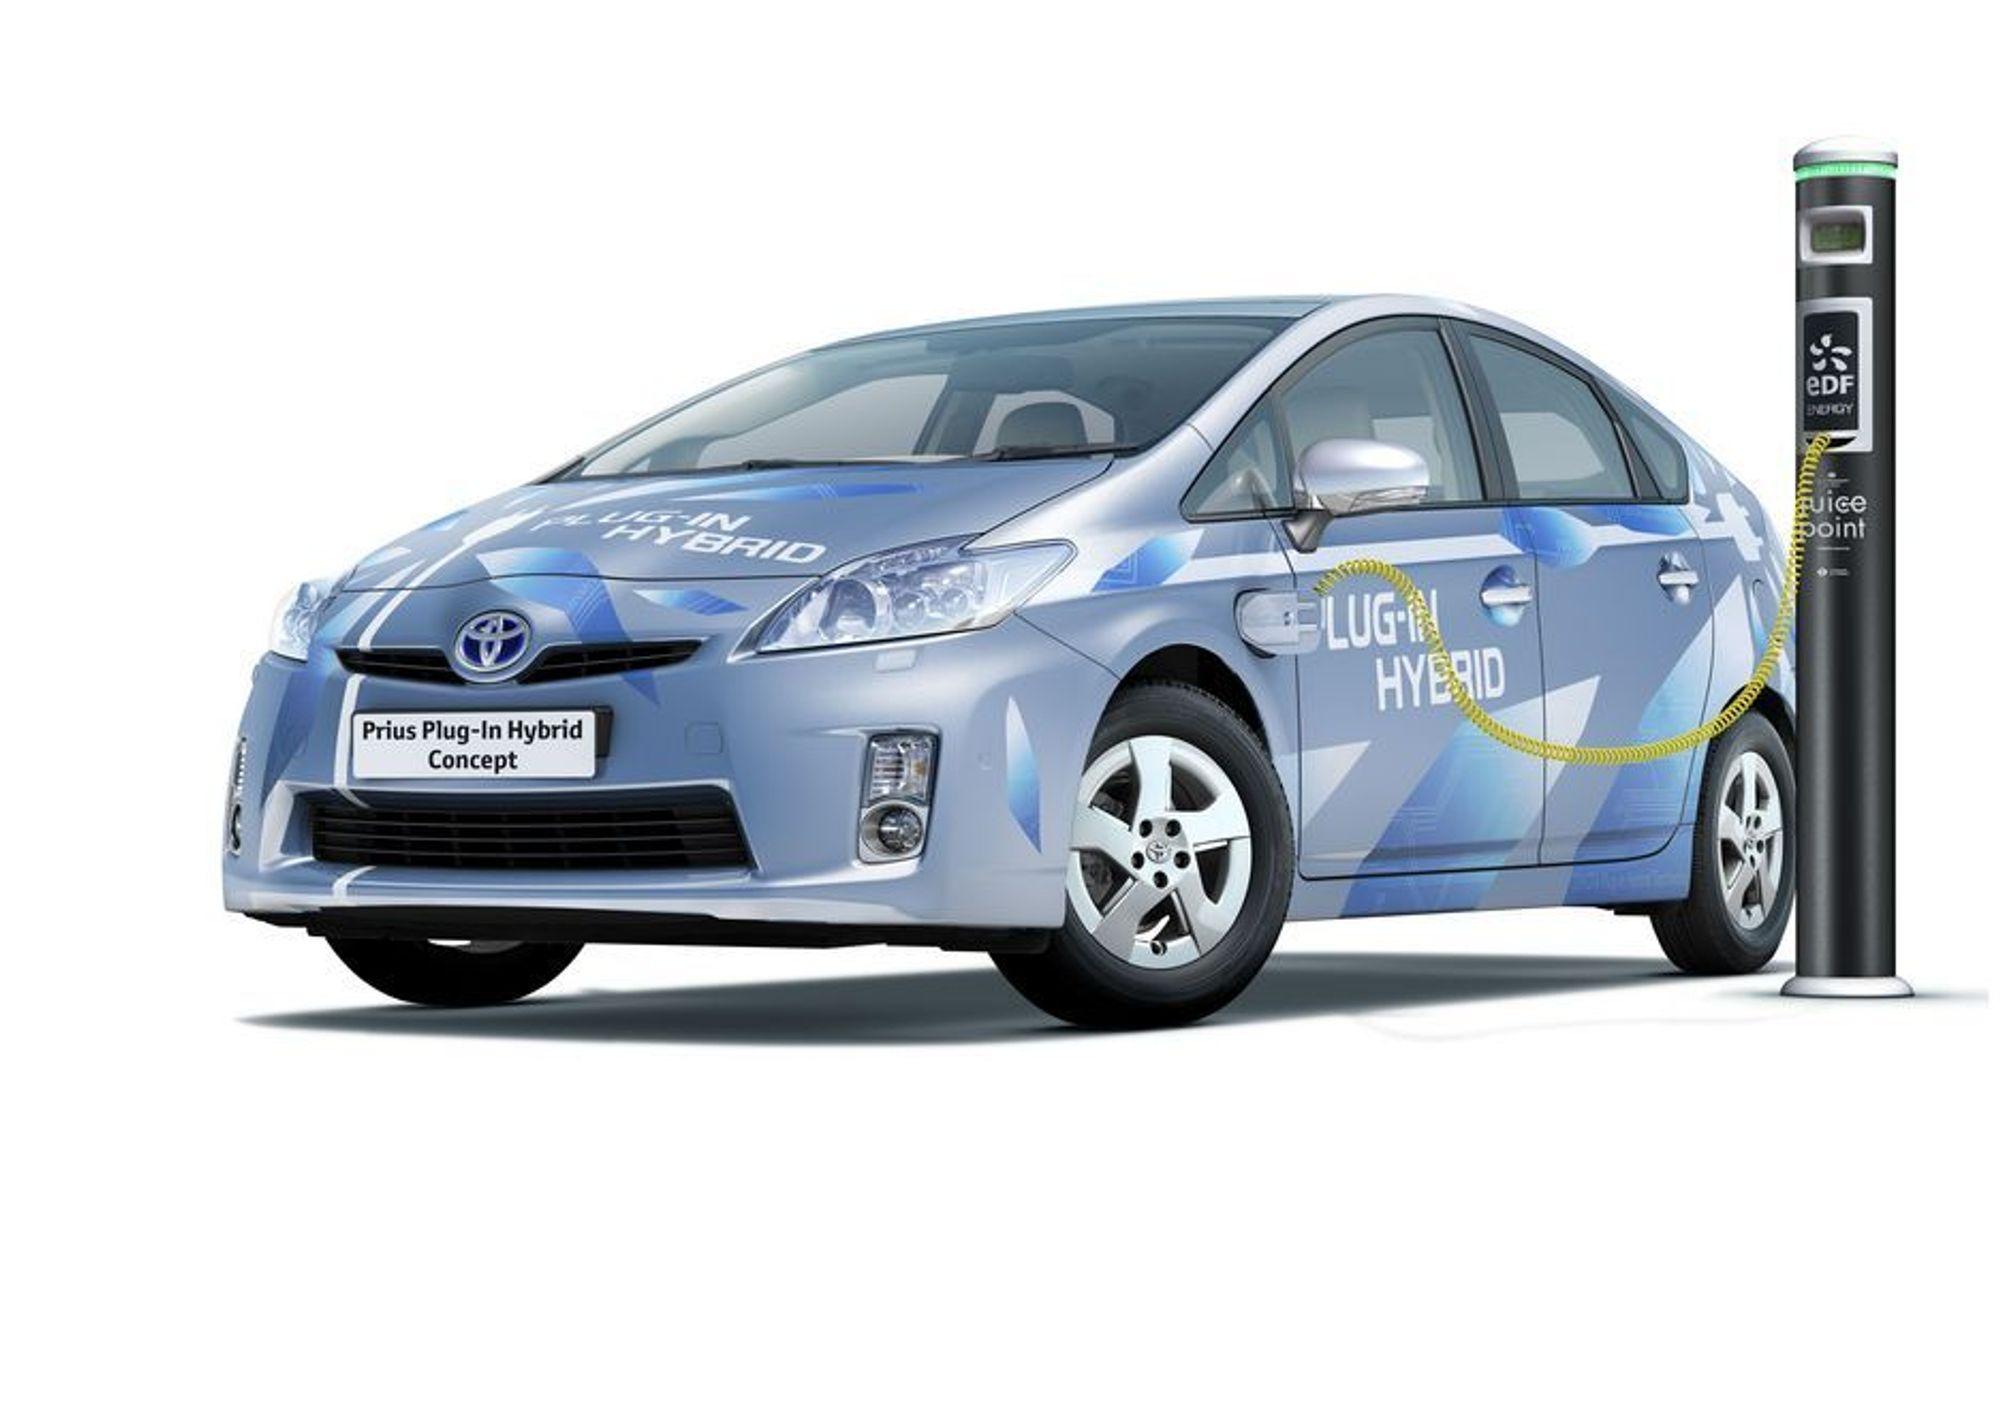 Toyota Prius som ladbar hybrid vises fram for første gang på bilmessen i Frankfurt. Om noen måneder blir den også å se på norske veier.